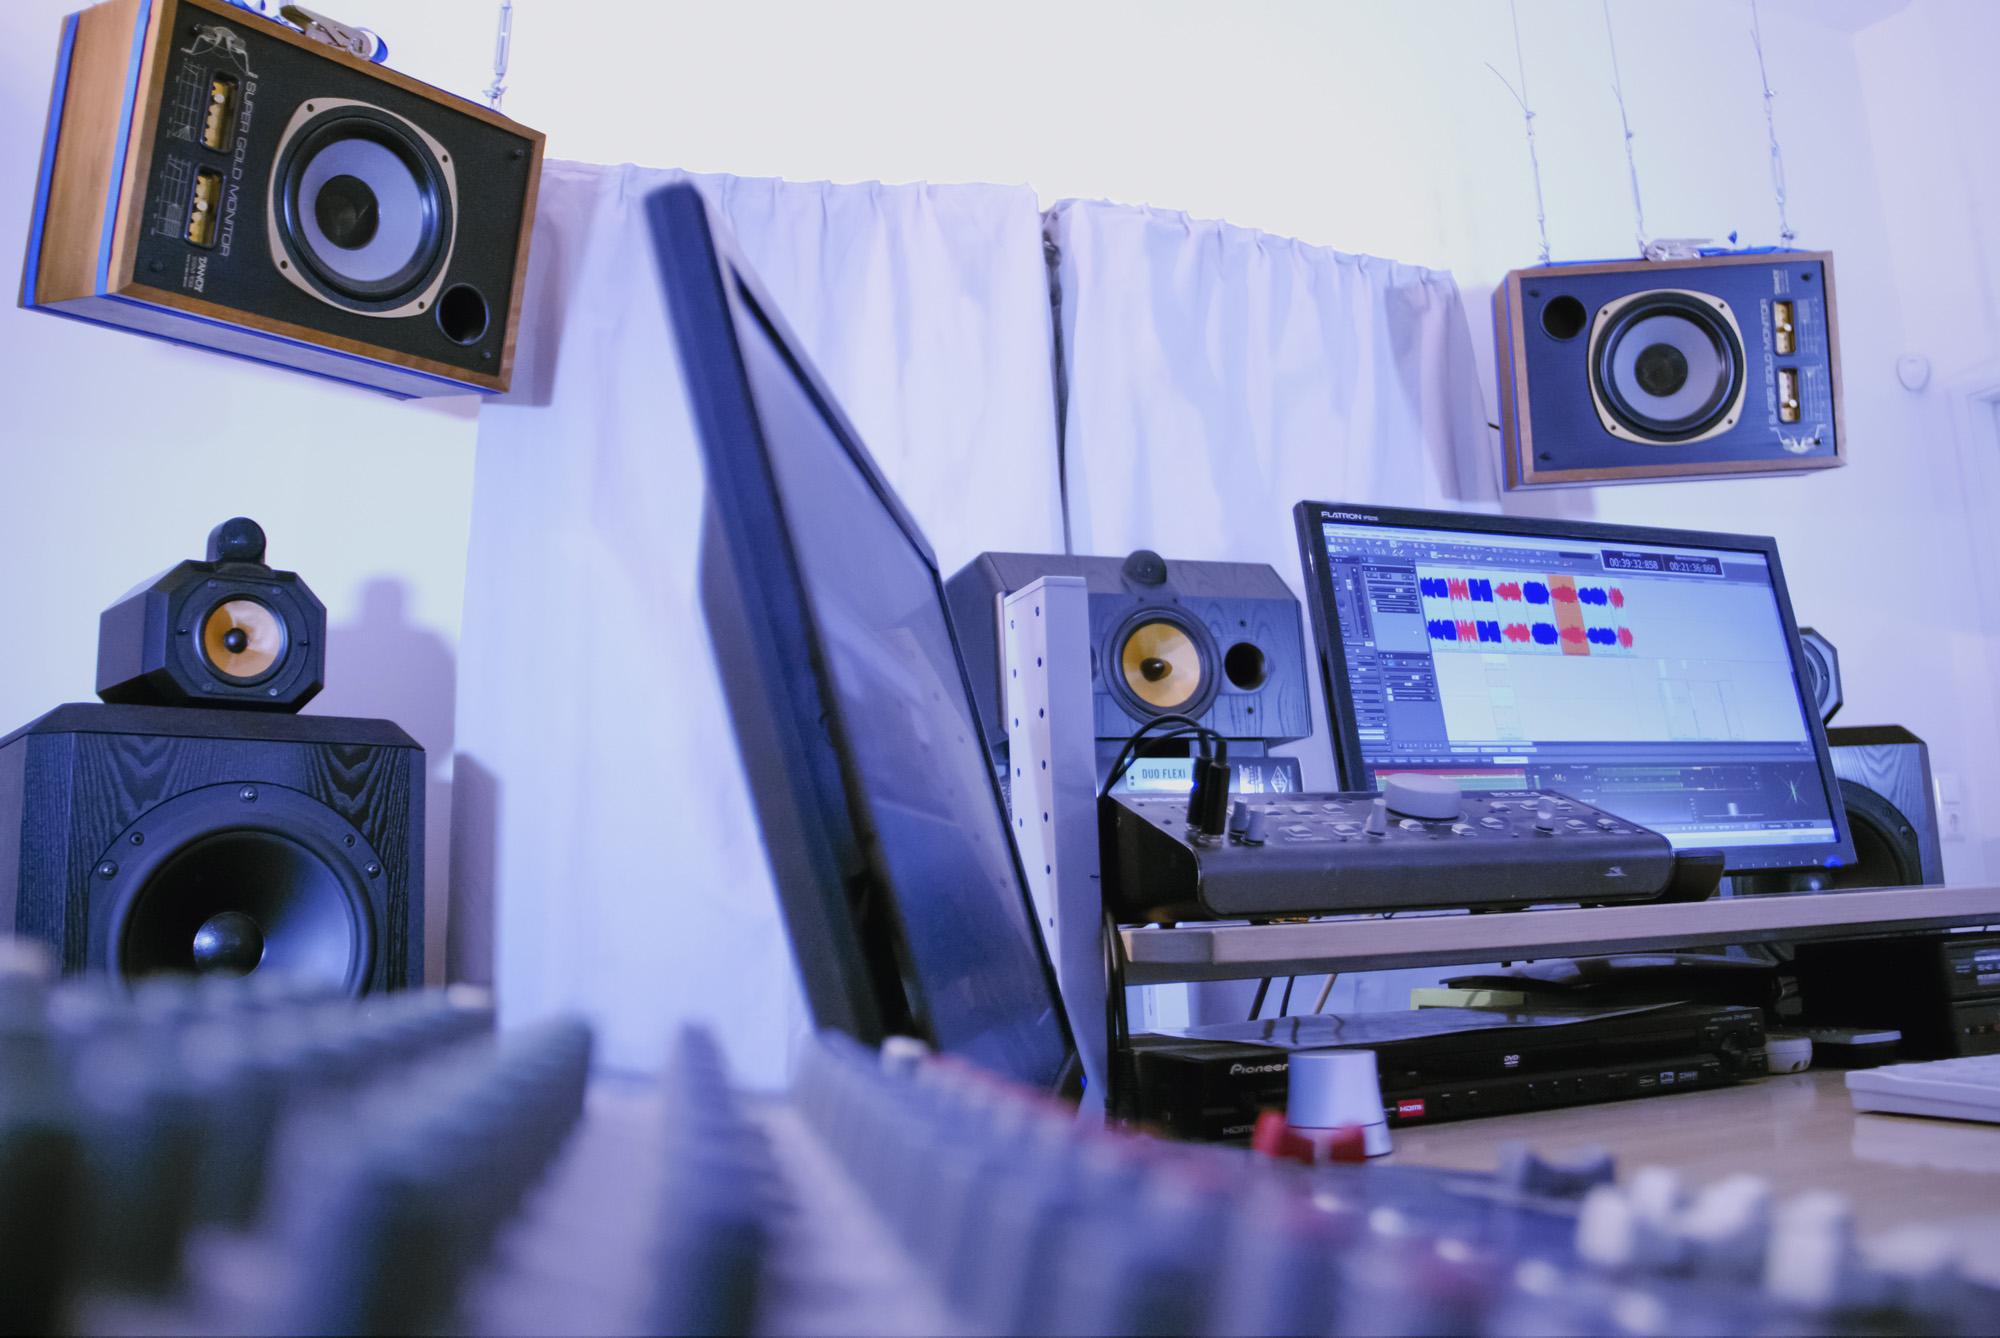 Das Tonstudio Artis Mastering von Robert Eder in Wien, sein Arbeitsplatz aus schräger Perspektive mit Mischpult, B&W-Boxen, Computer, violett-blau beleuchtet